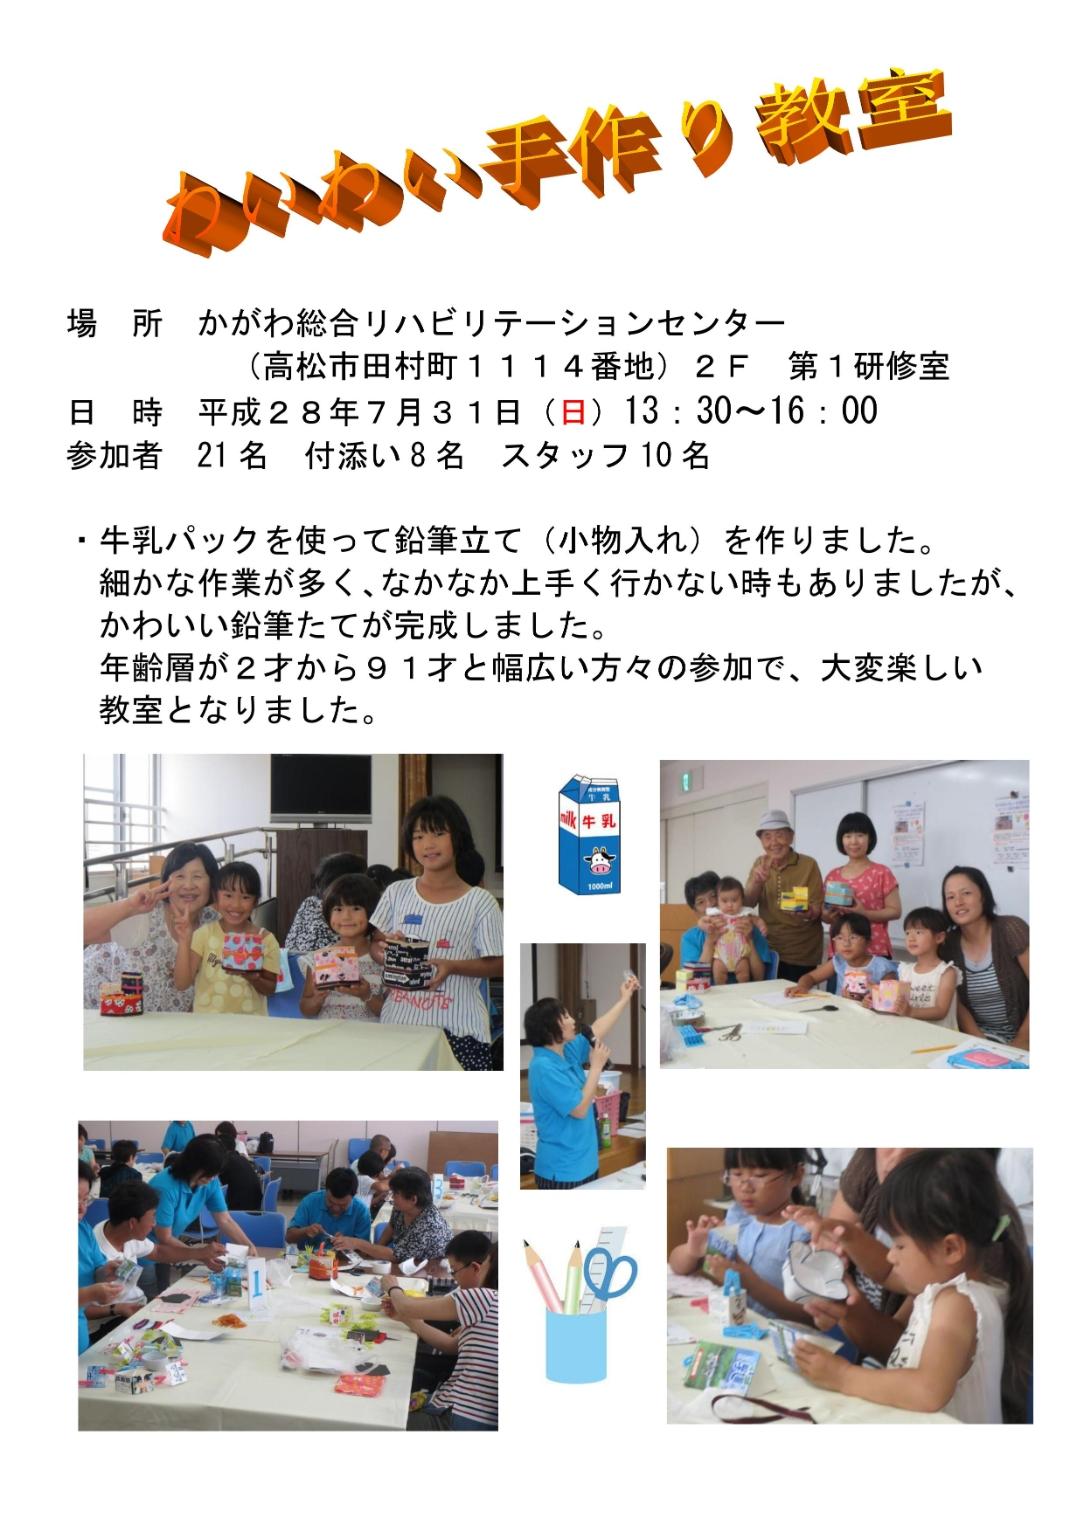 手作り教室報告